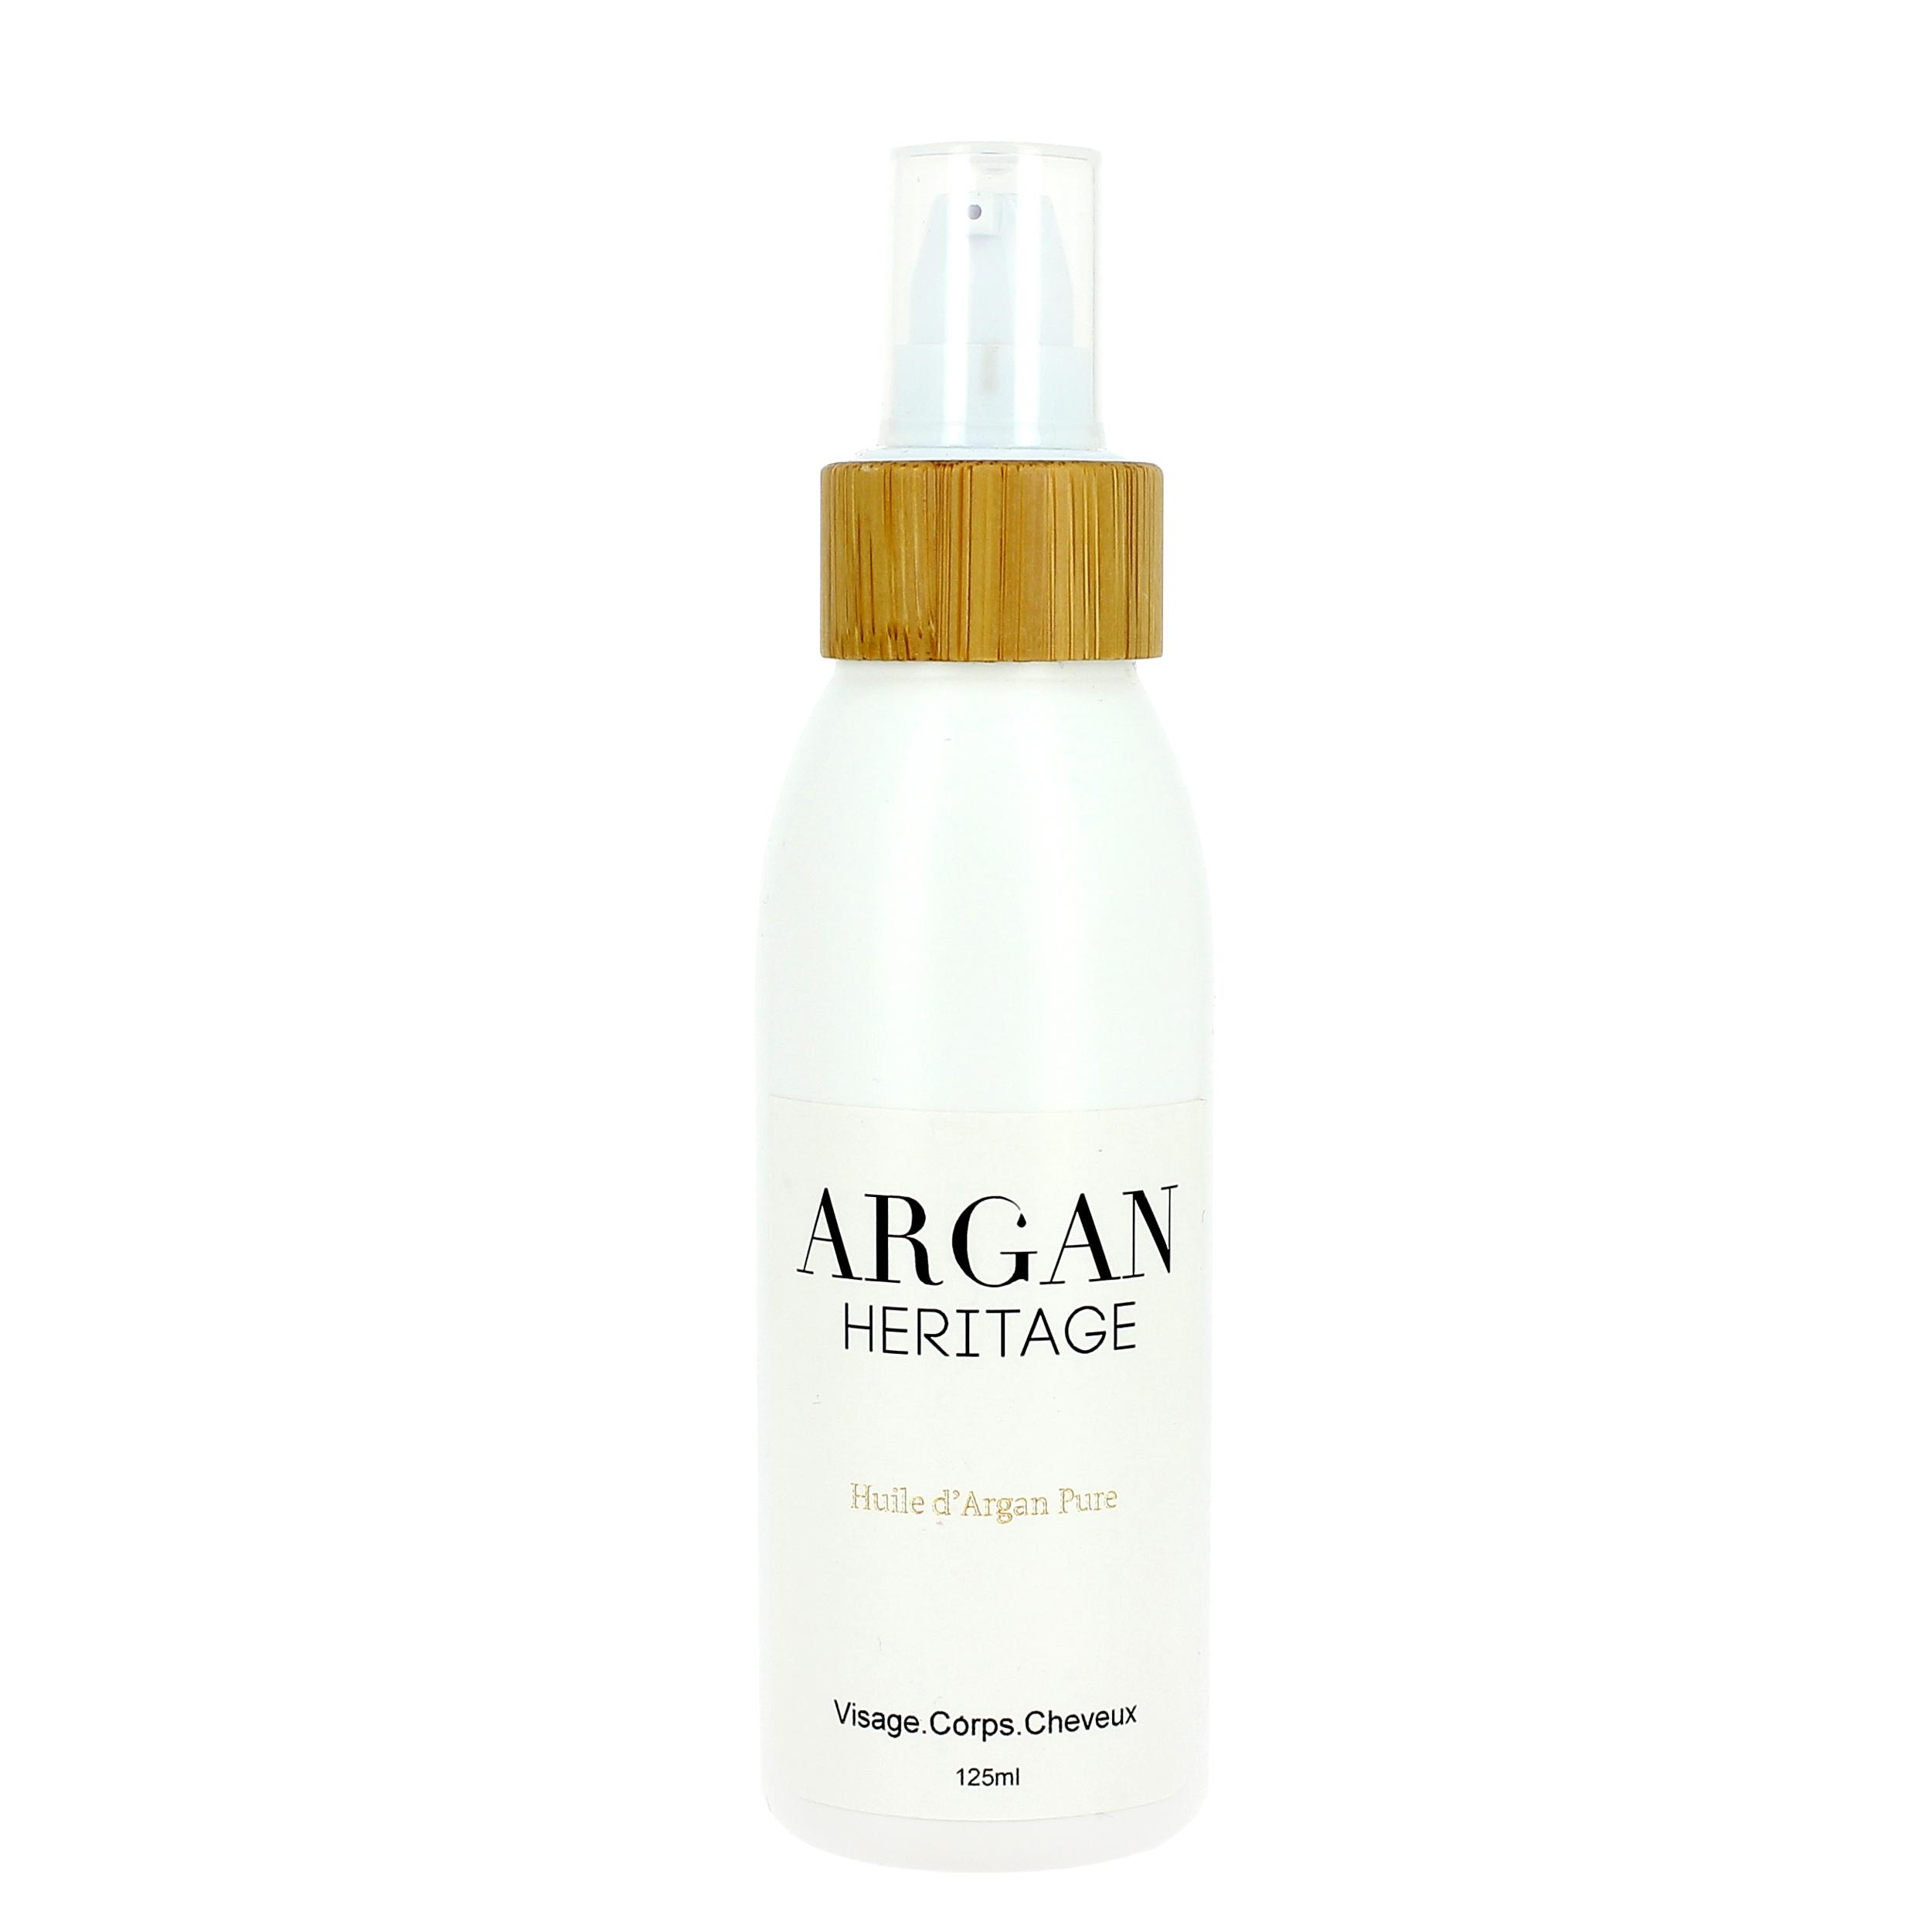 Doux-Good-Argan-Héritage-Huile d'Argan pure